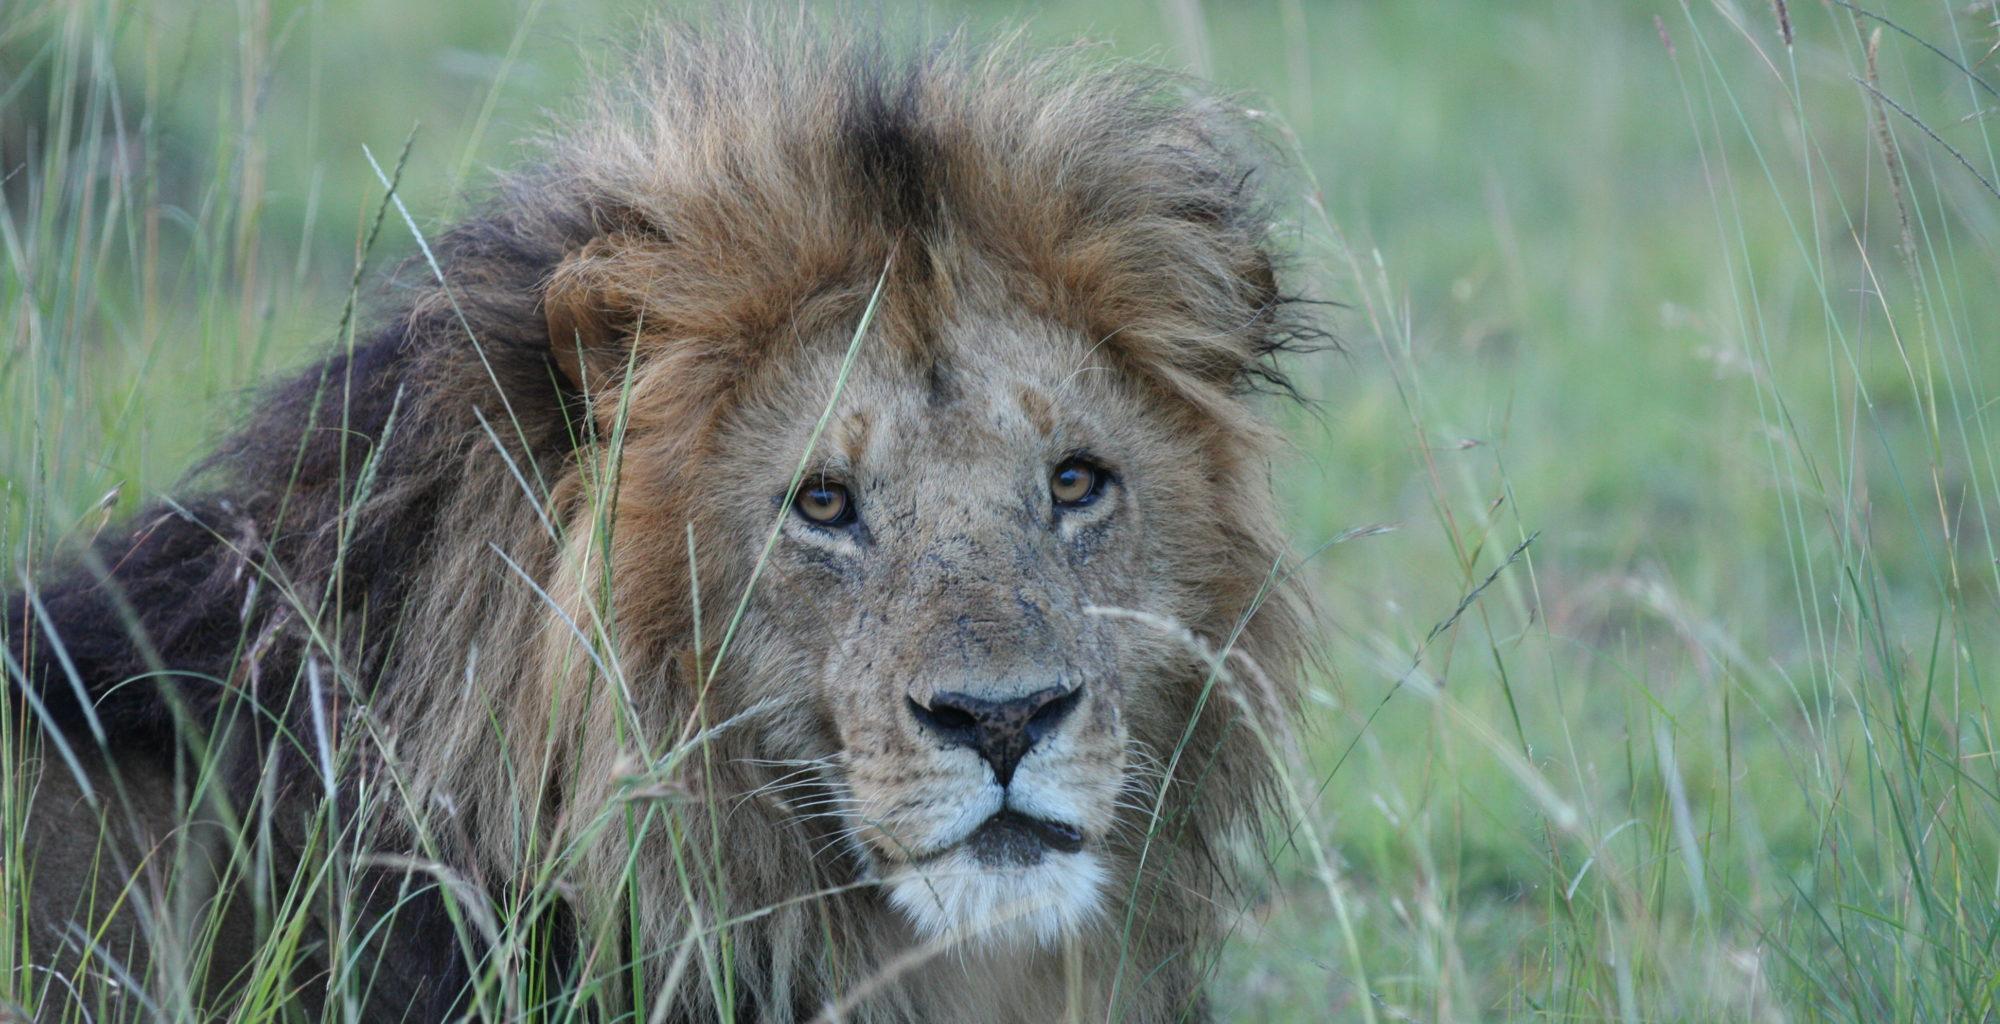 Kenya-Lowis-Leakey-Wildlife-Lion